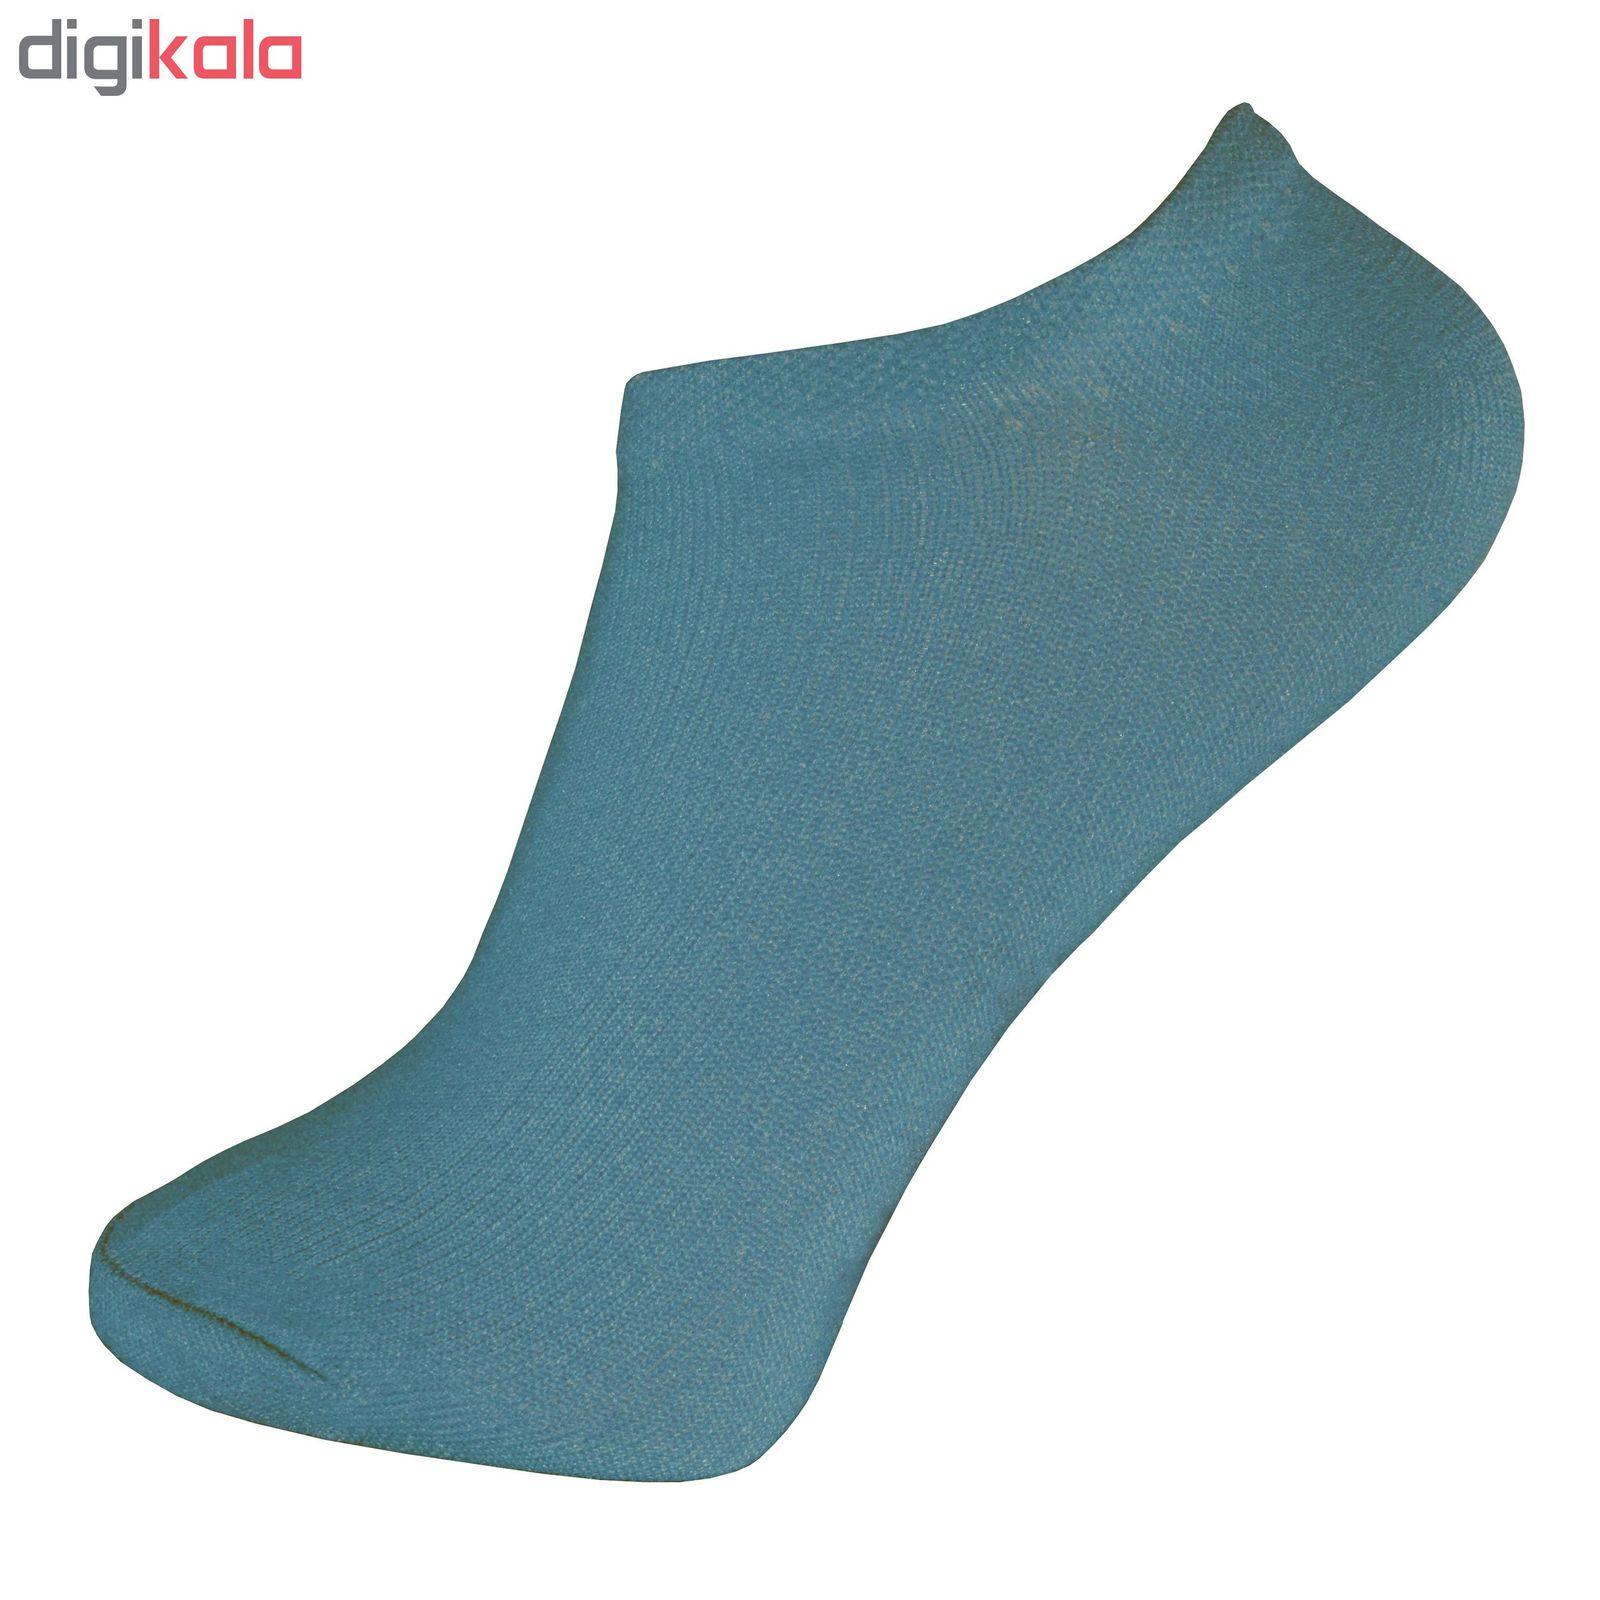 جوراب زنانه پرشیکا کد 1 مجموعه 12 عددی main 1 5